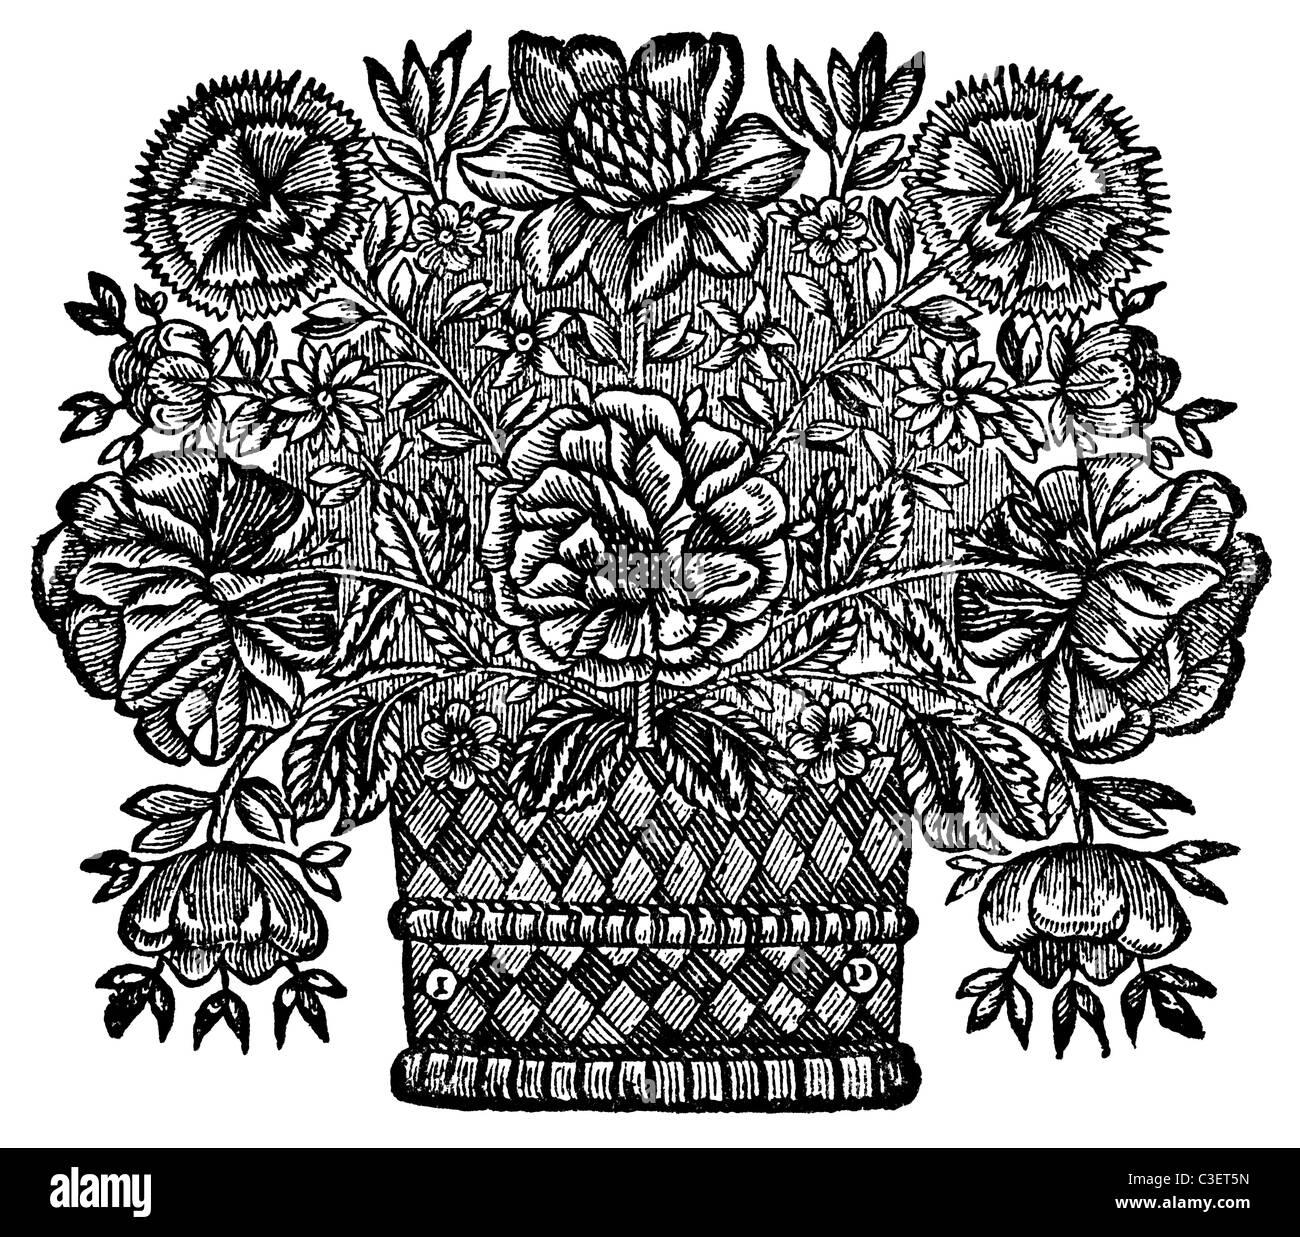 Mittelalterlichen Holzschnitt von Blumenkorb Stockbild